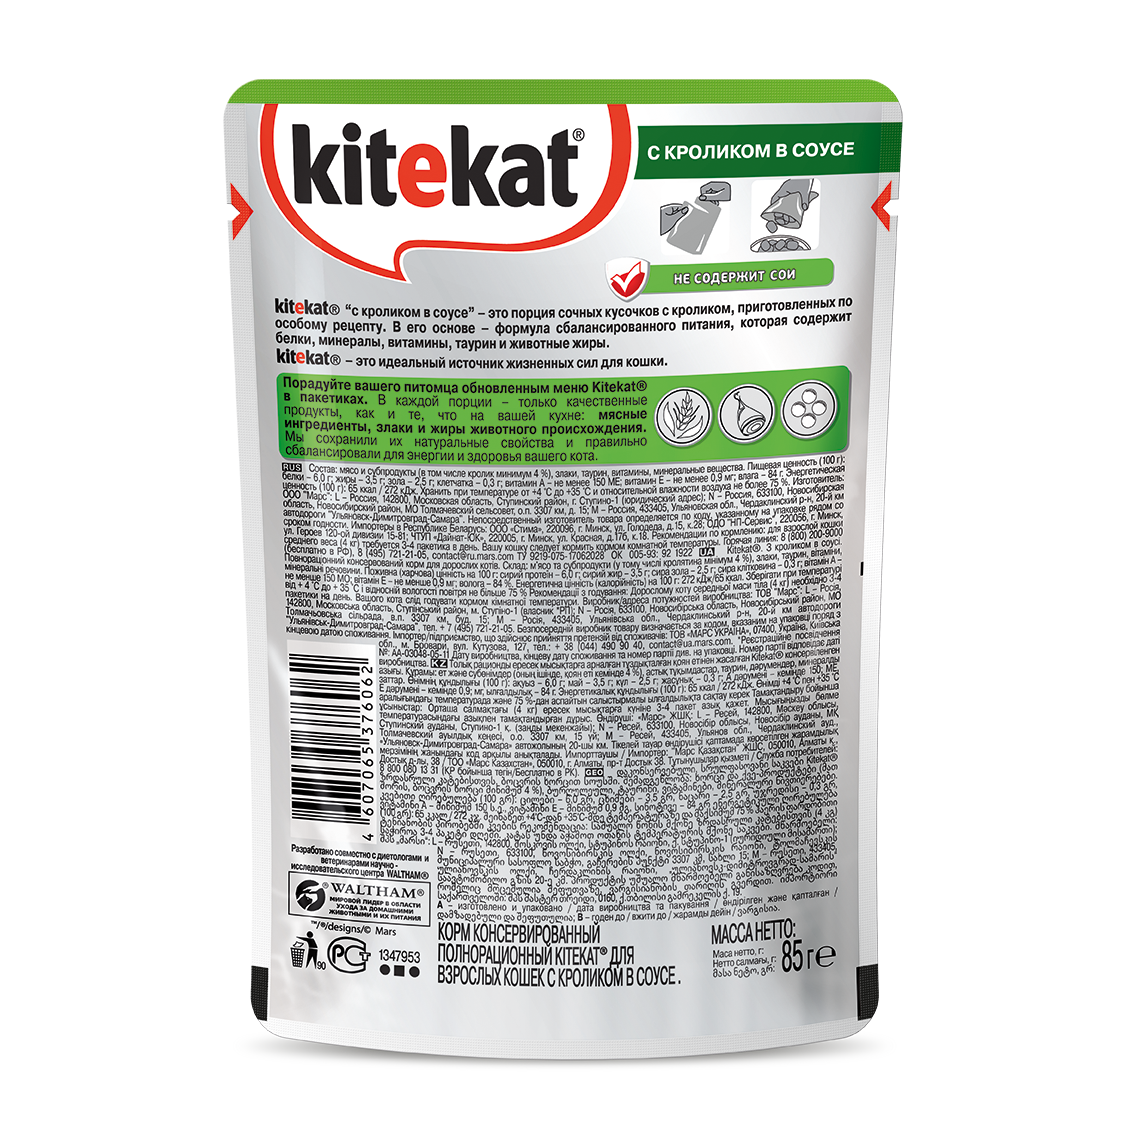 Влажный корм для кошек Kitekat, с кроликом в соусе, 85г